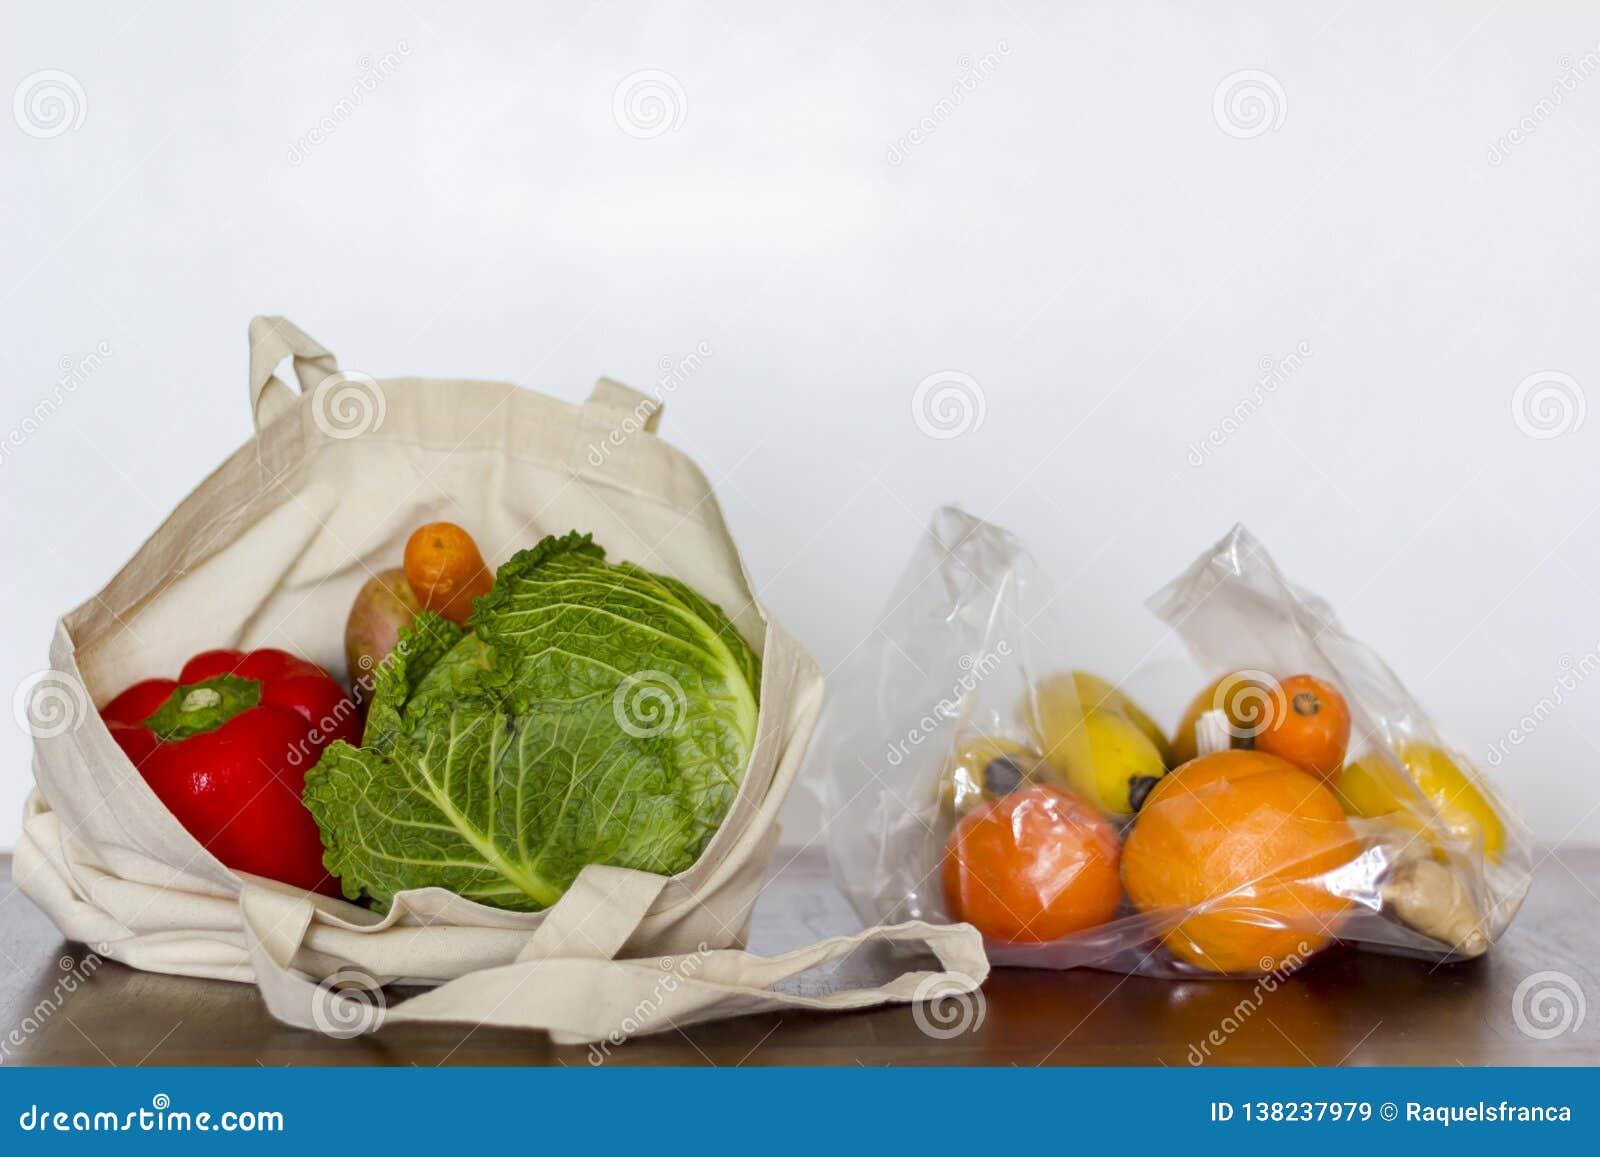 Επαναχρησιμοποιήσιμη τσάντα Eco με τα λαχανικά και πλαστική τσάντα με τα φρούτα